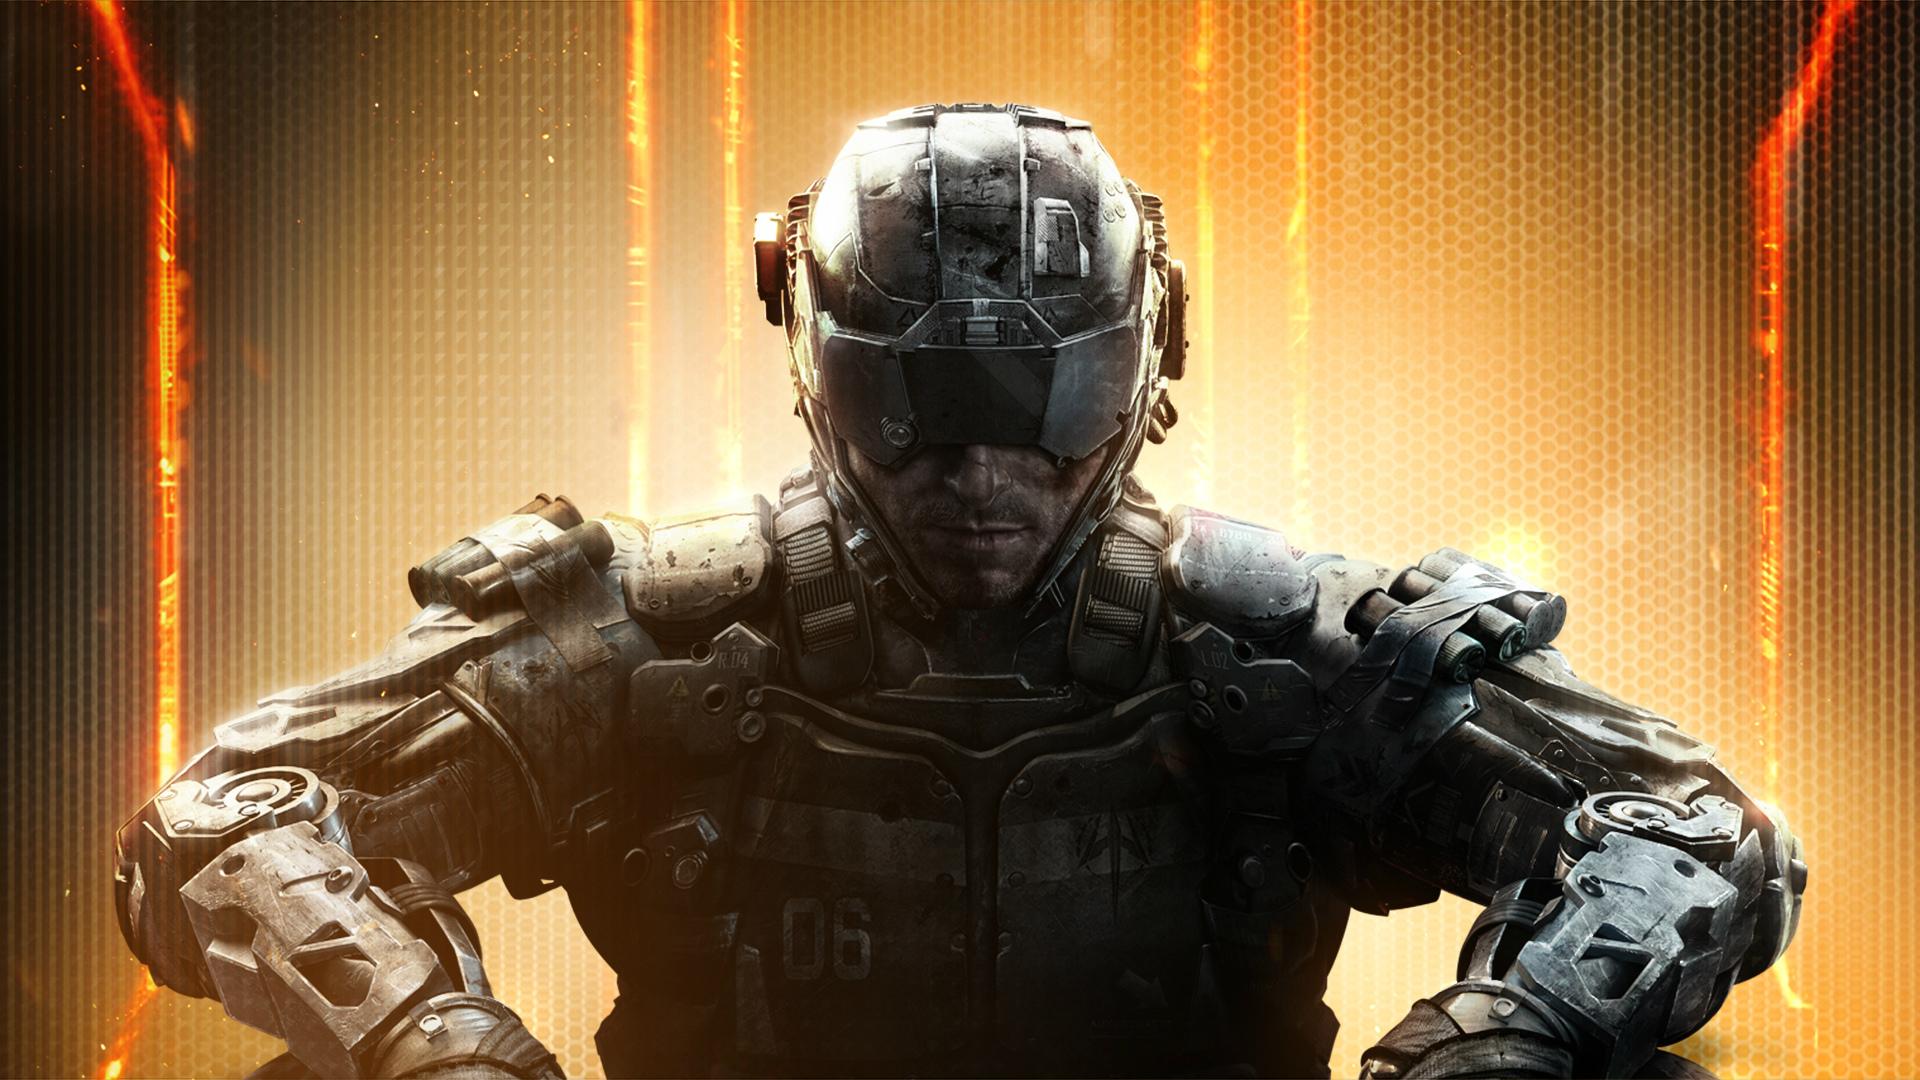 Call of Duty Black Ops 3'ün PS3 ve X360 Sürümleri Hakkında Detaylar